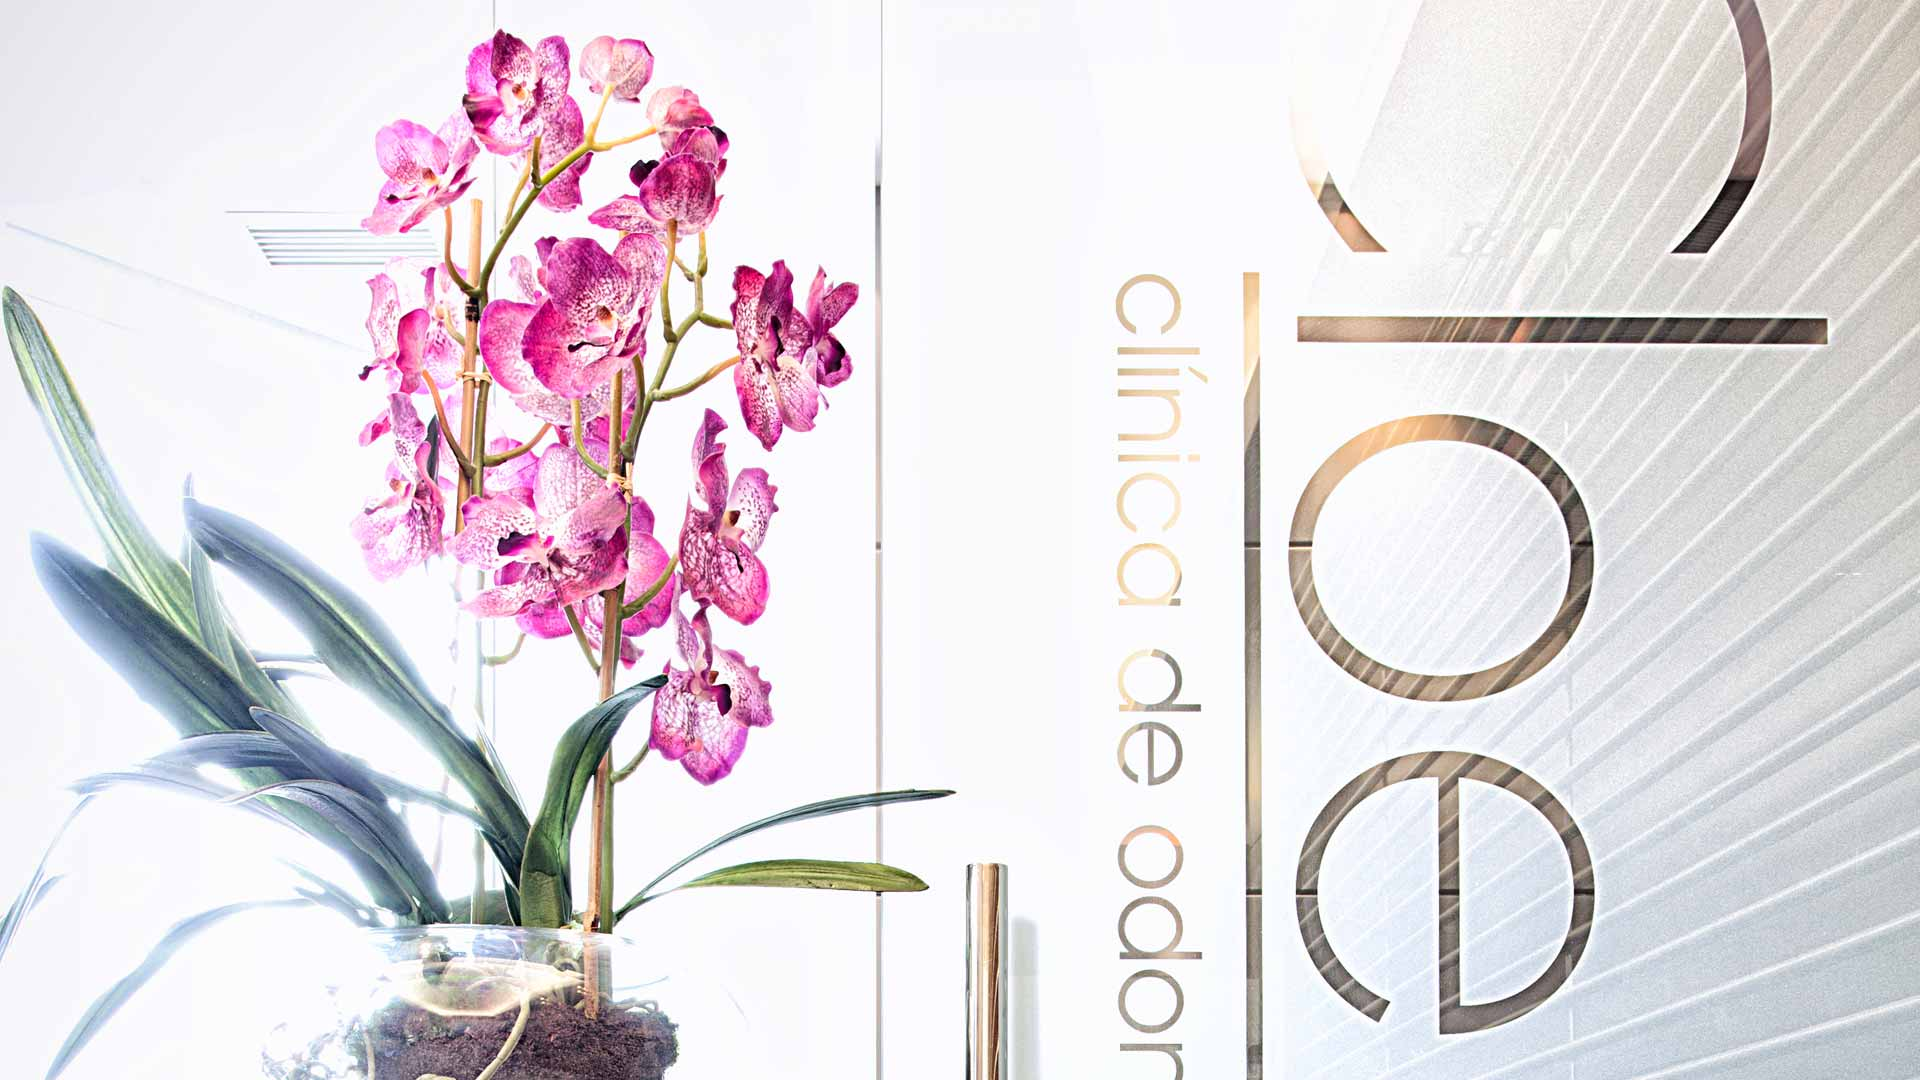 Una orquídea rosa en la sala de espera de Clínica Cloe clínica dental en Madrid